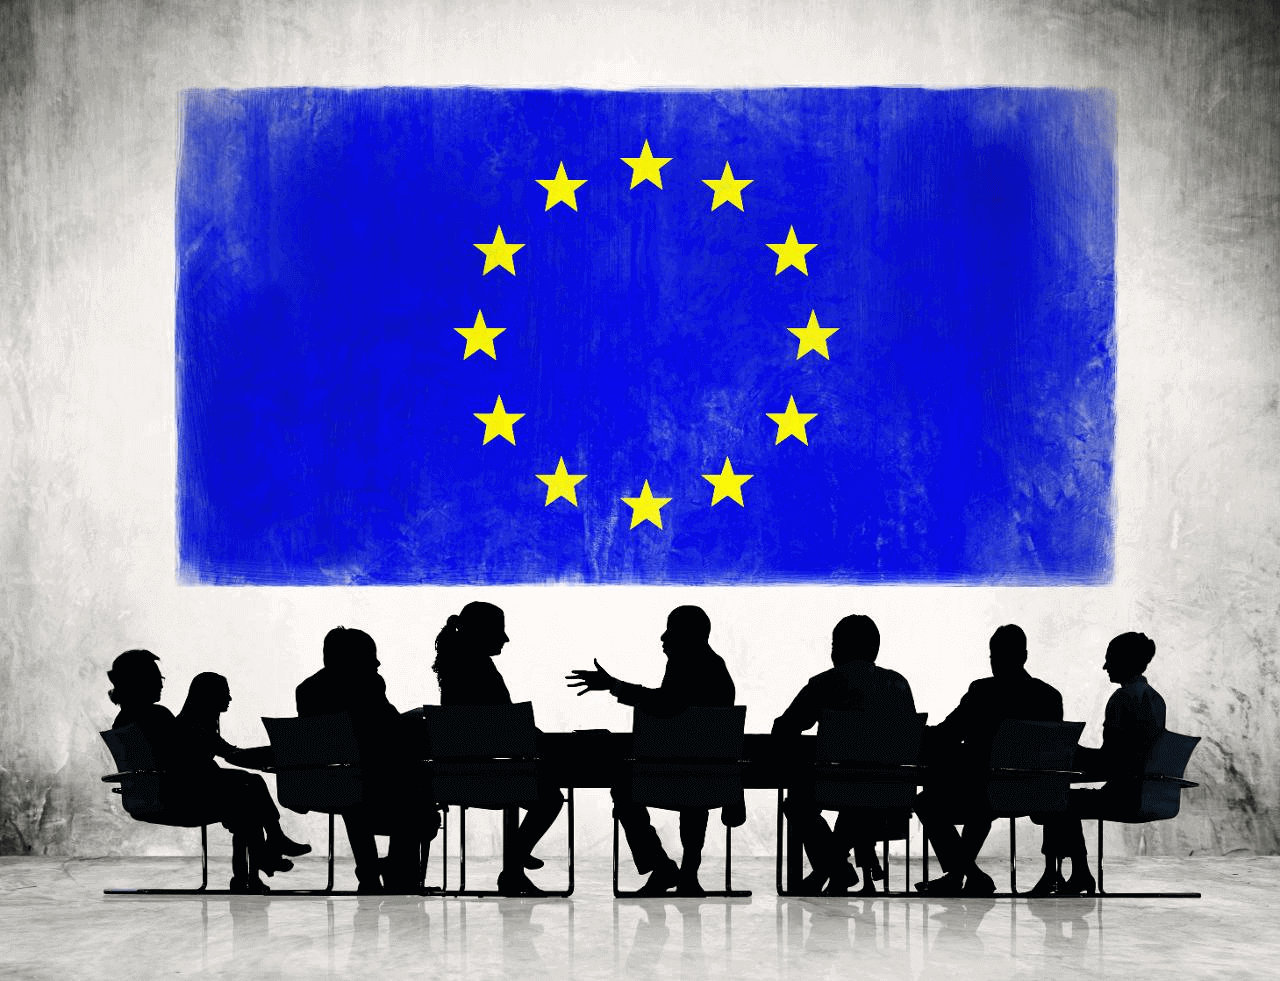 razrabotvane-i-upravlenie-na-evroproekti